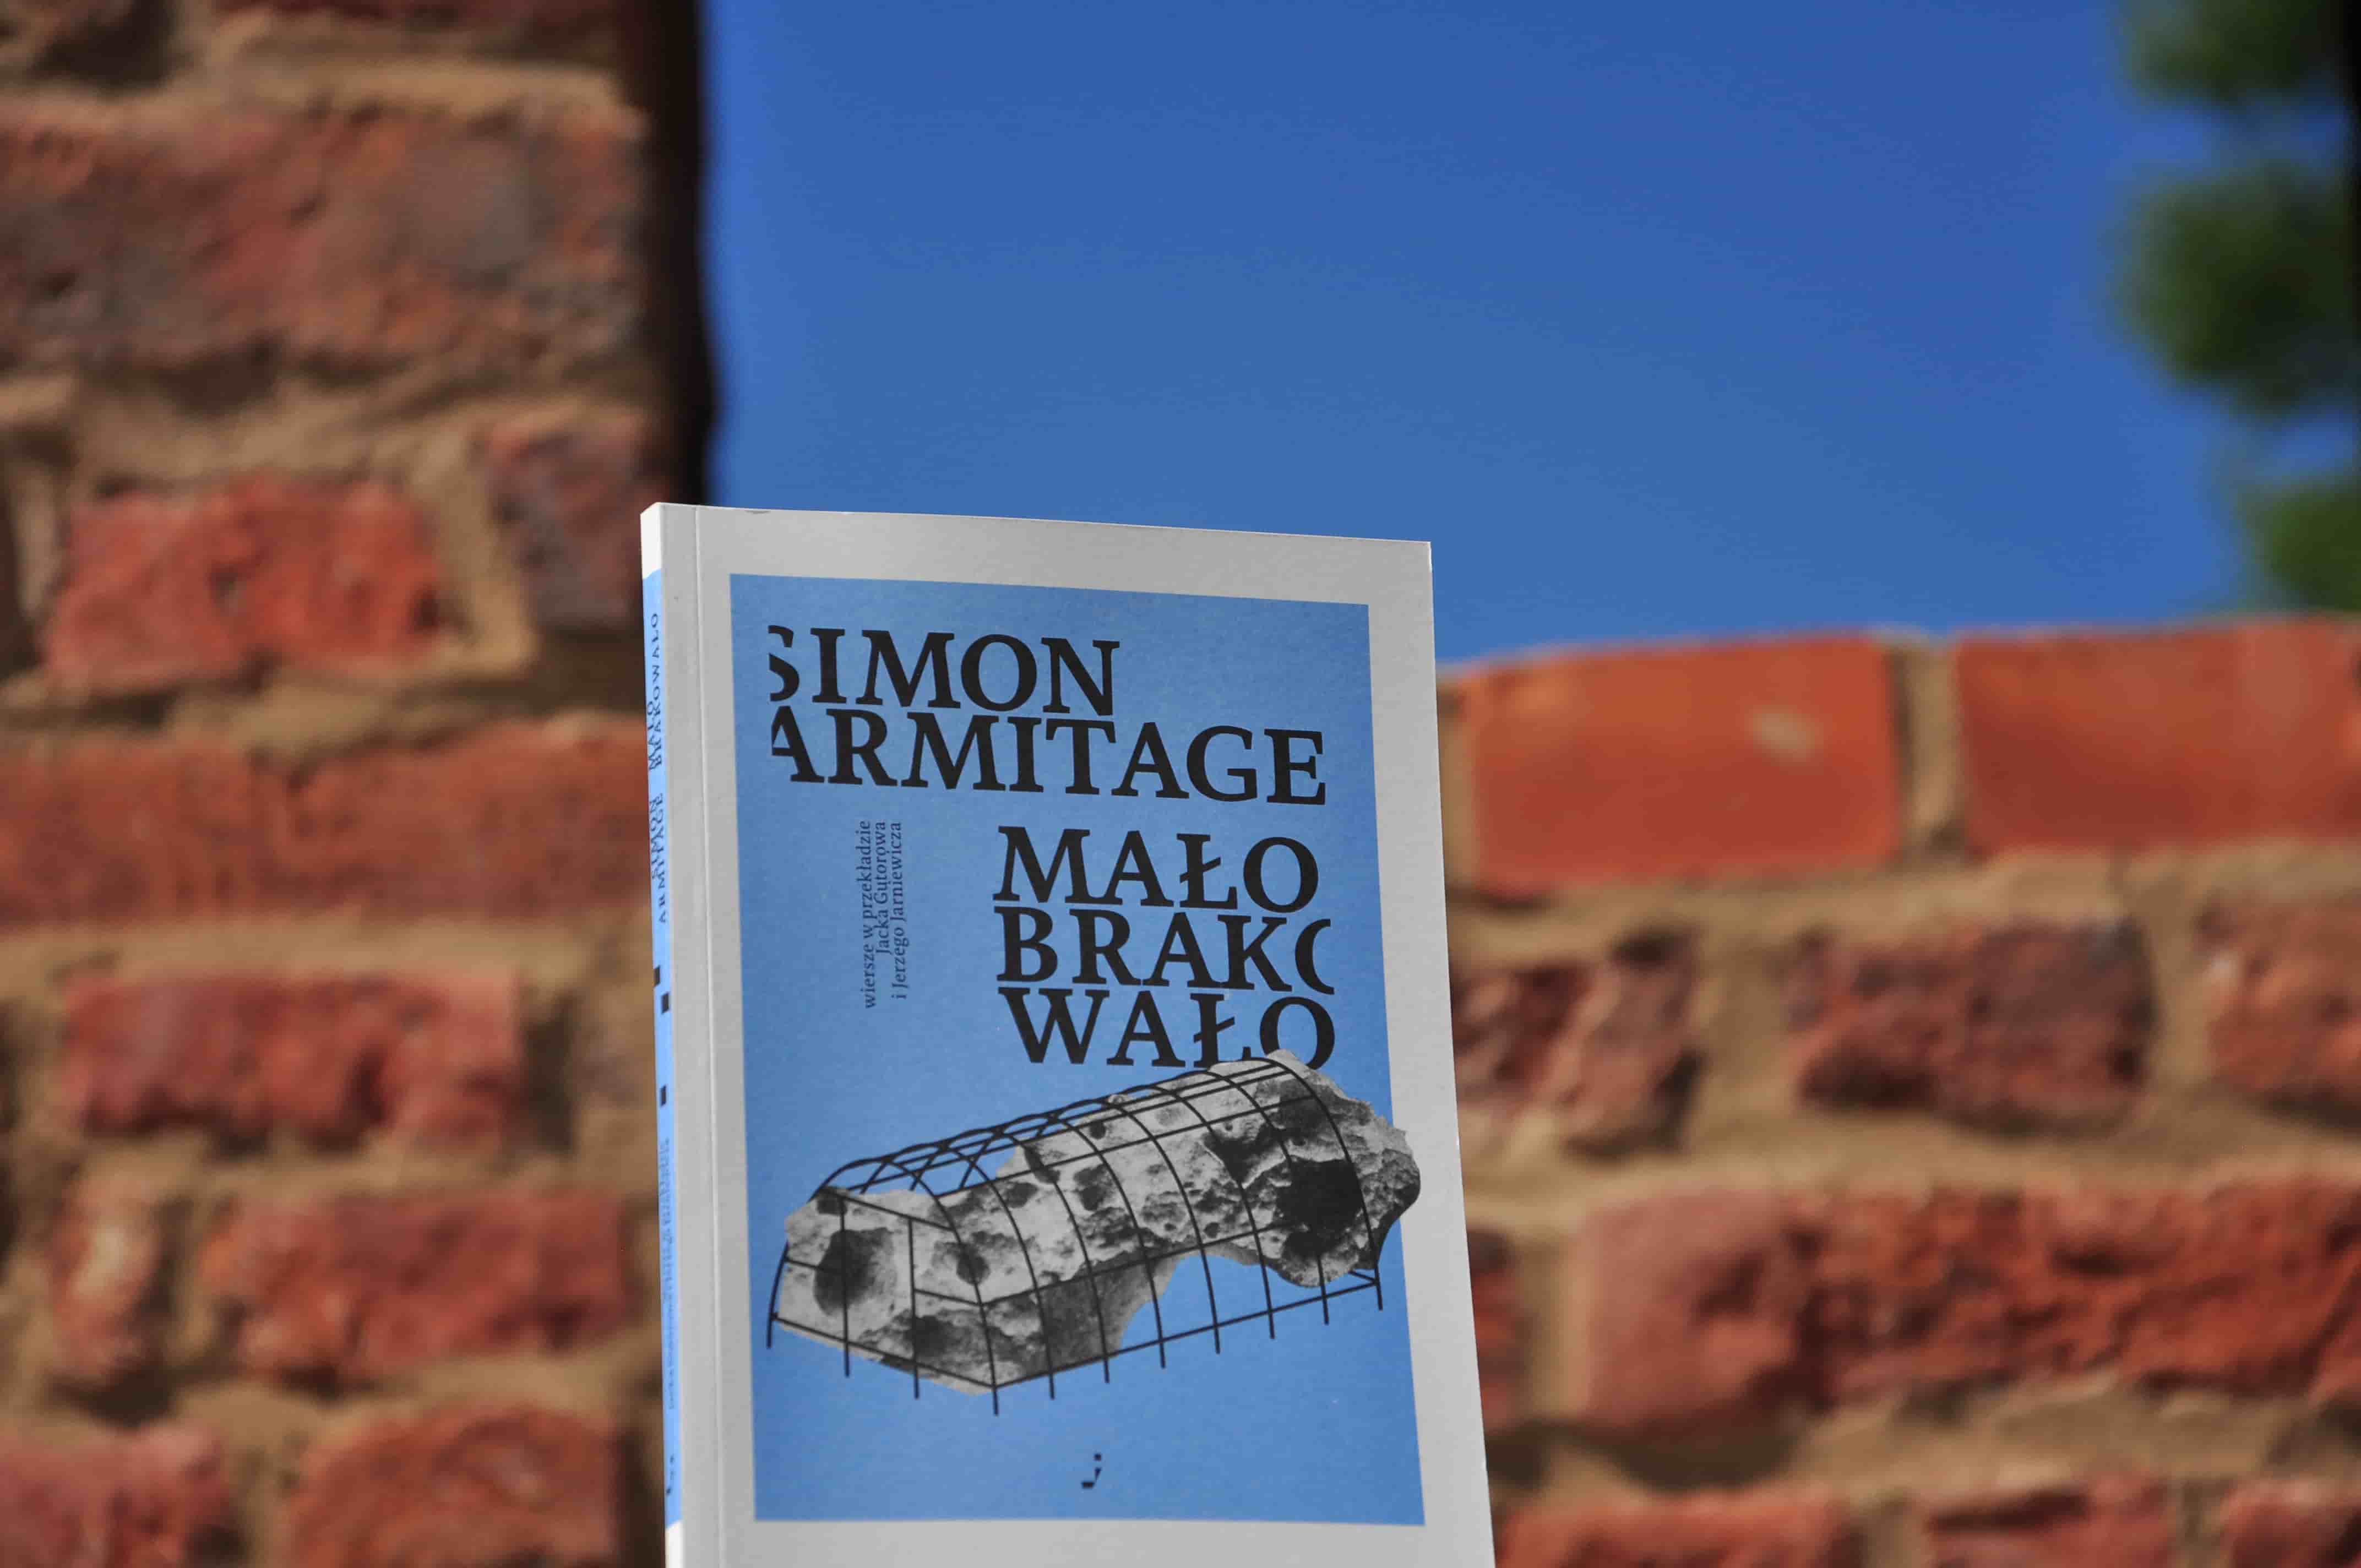 Simon Armitage Mało brakowało